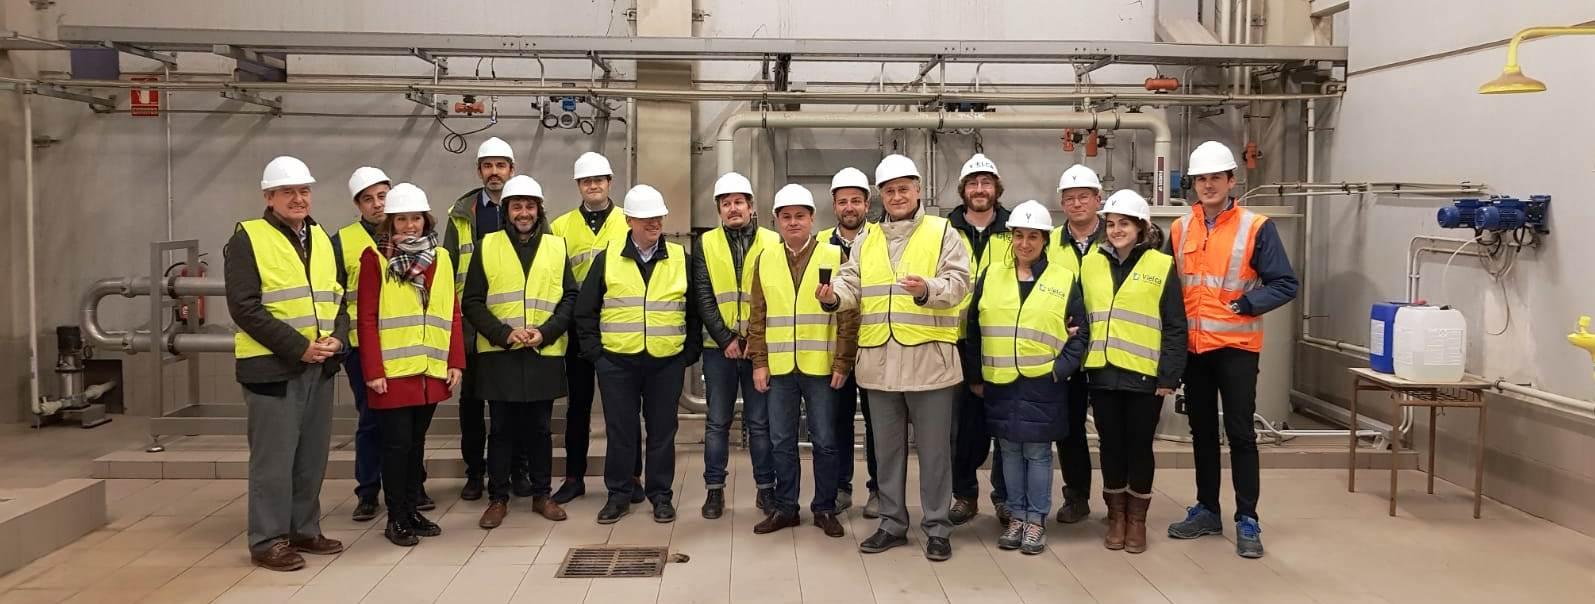 La Comisión de Medio Ambiente de la FEMP en las instalaciones del CVI en Caudete de las Fuentes.